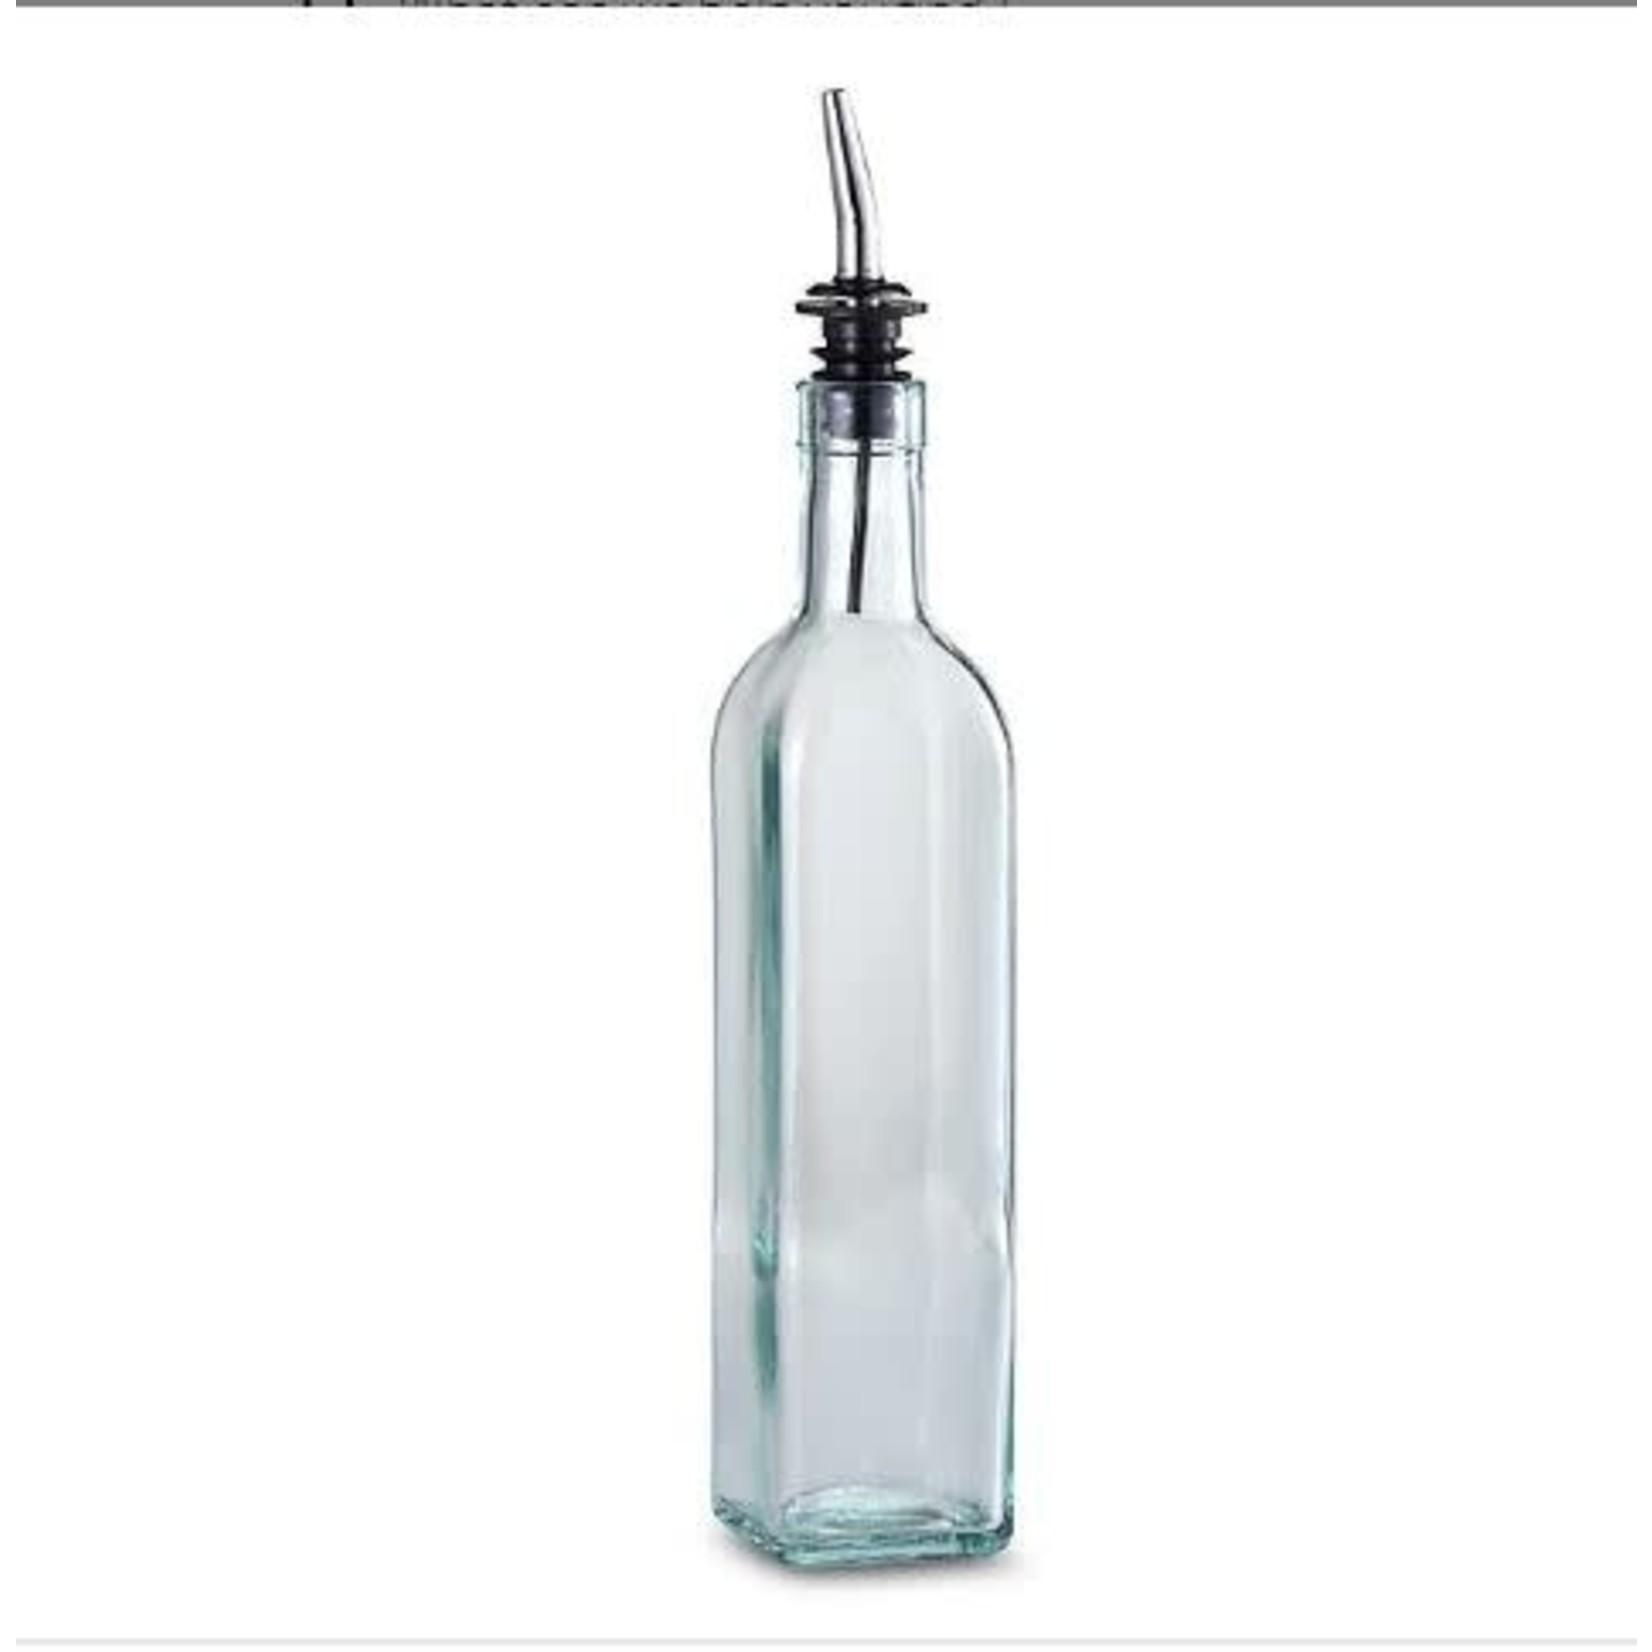 16oz Olive Oil Bottle